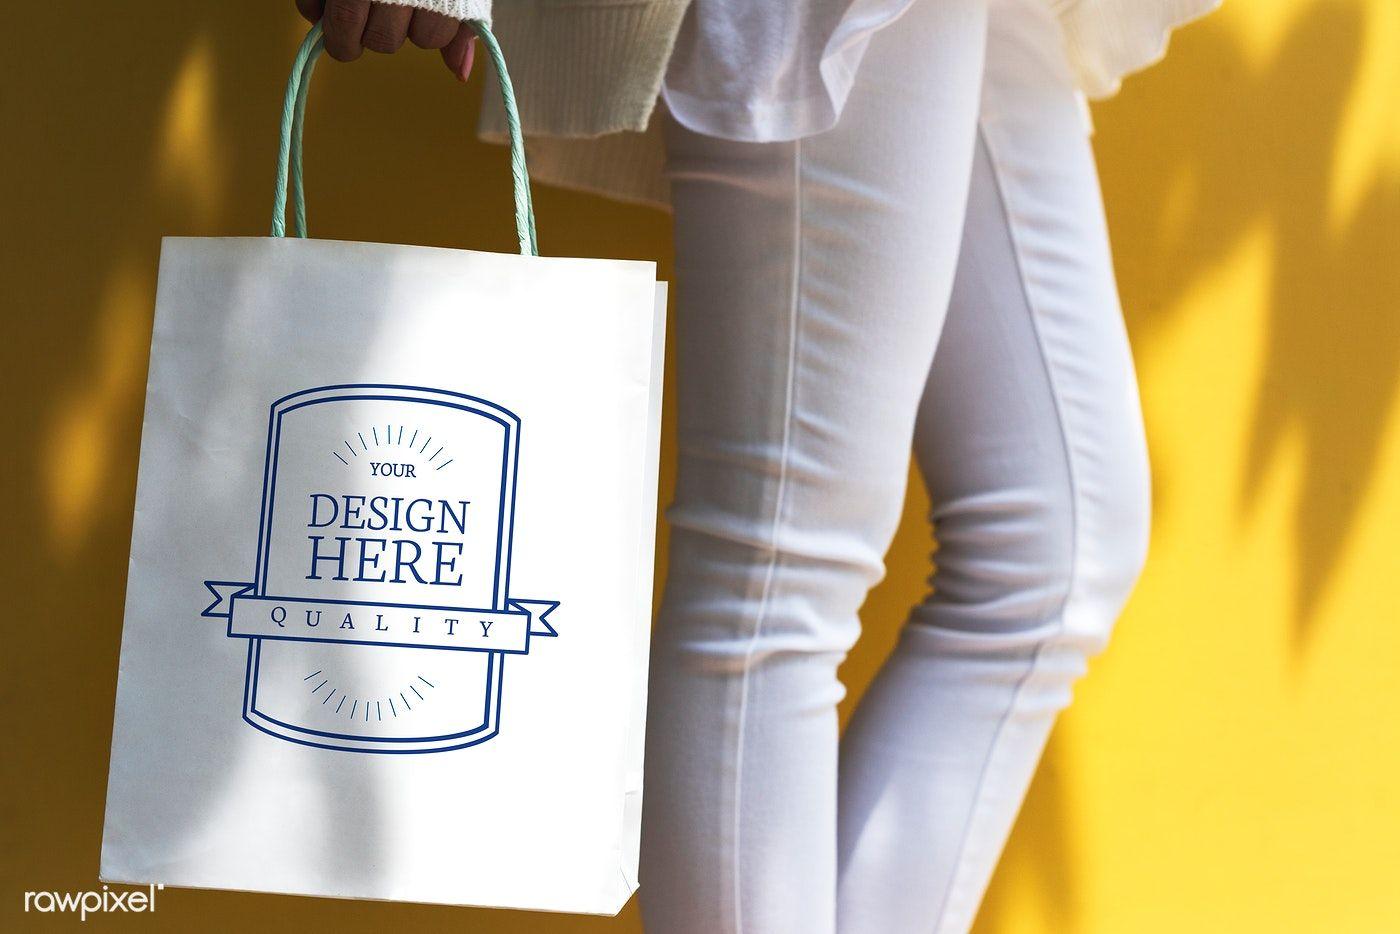 Download Download Premium Psd Of Mockup Design Space On A Shopping Bag 296038 Mockup Design Bags Bag Mockup